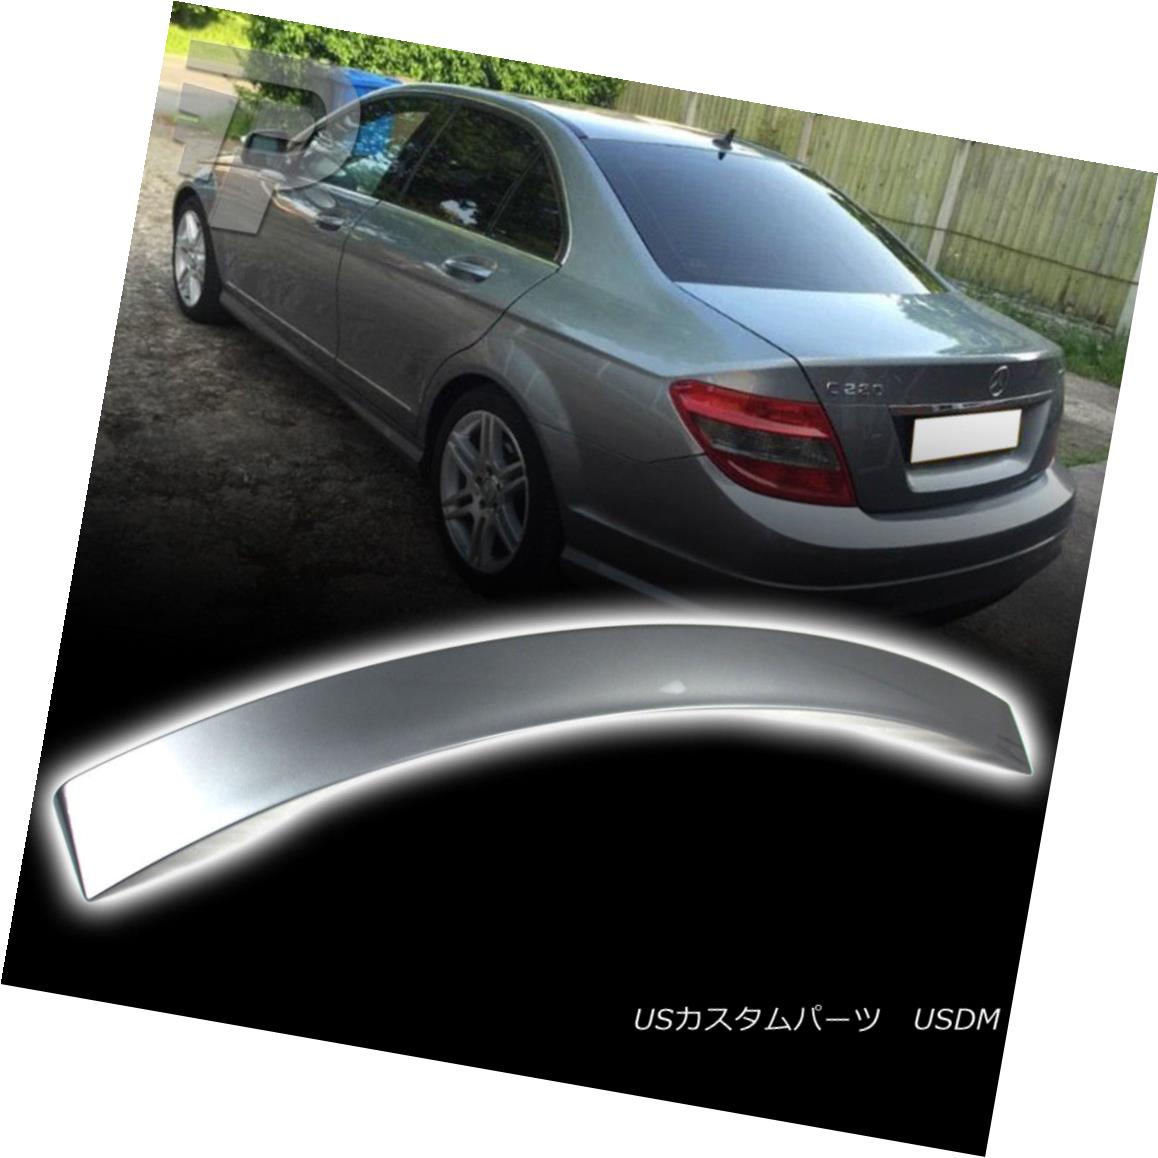 エアロパーツ 2013 Paint Mercedes BENZ C-Class W204 C180 Sedan Rear A Style Roof Spoiler #792 2013ペイントメルセデスベンツCクラスW204 C180セダンリアスタイルルーフスポイラー#792